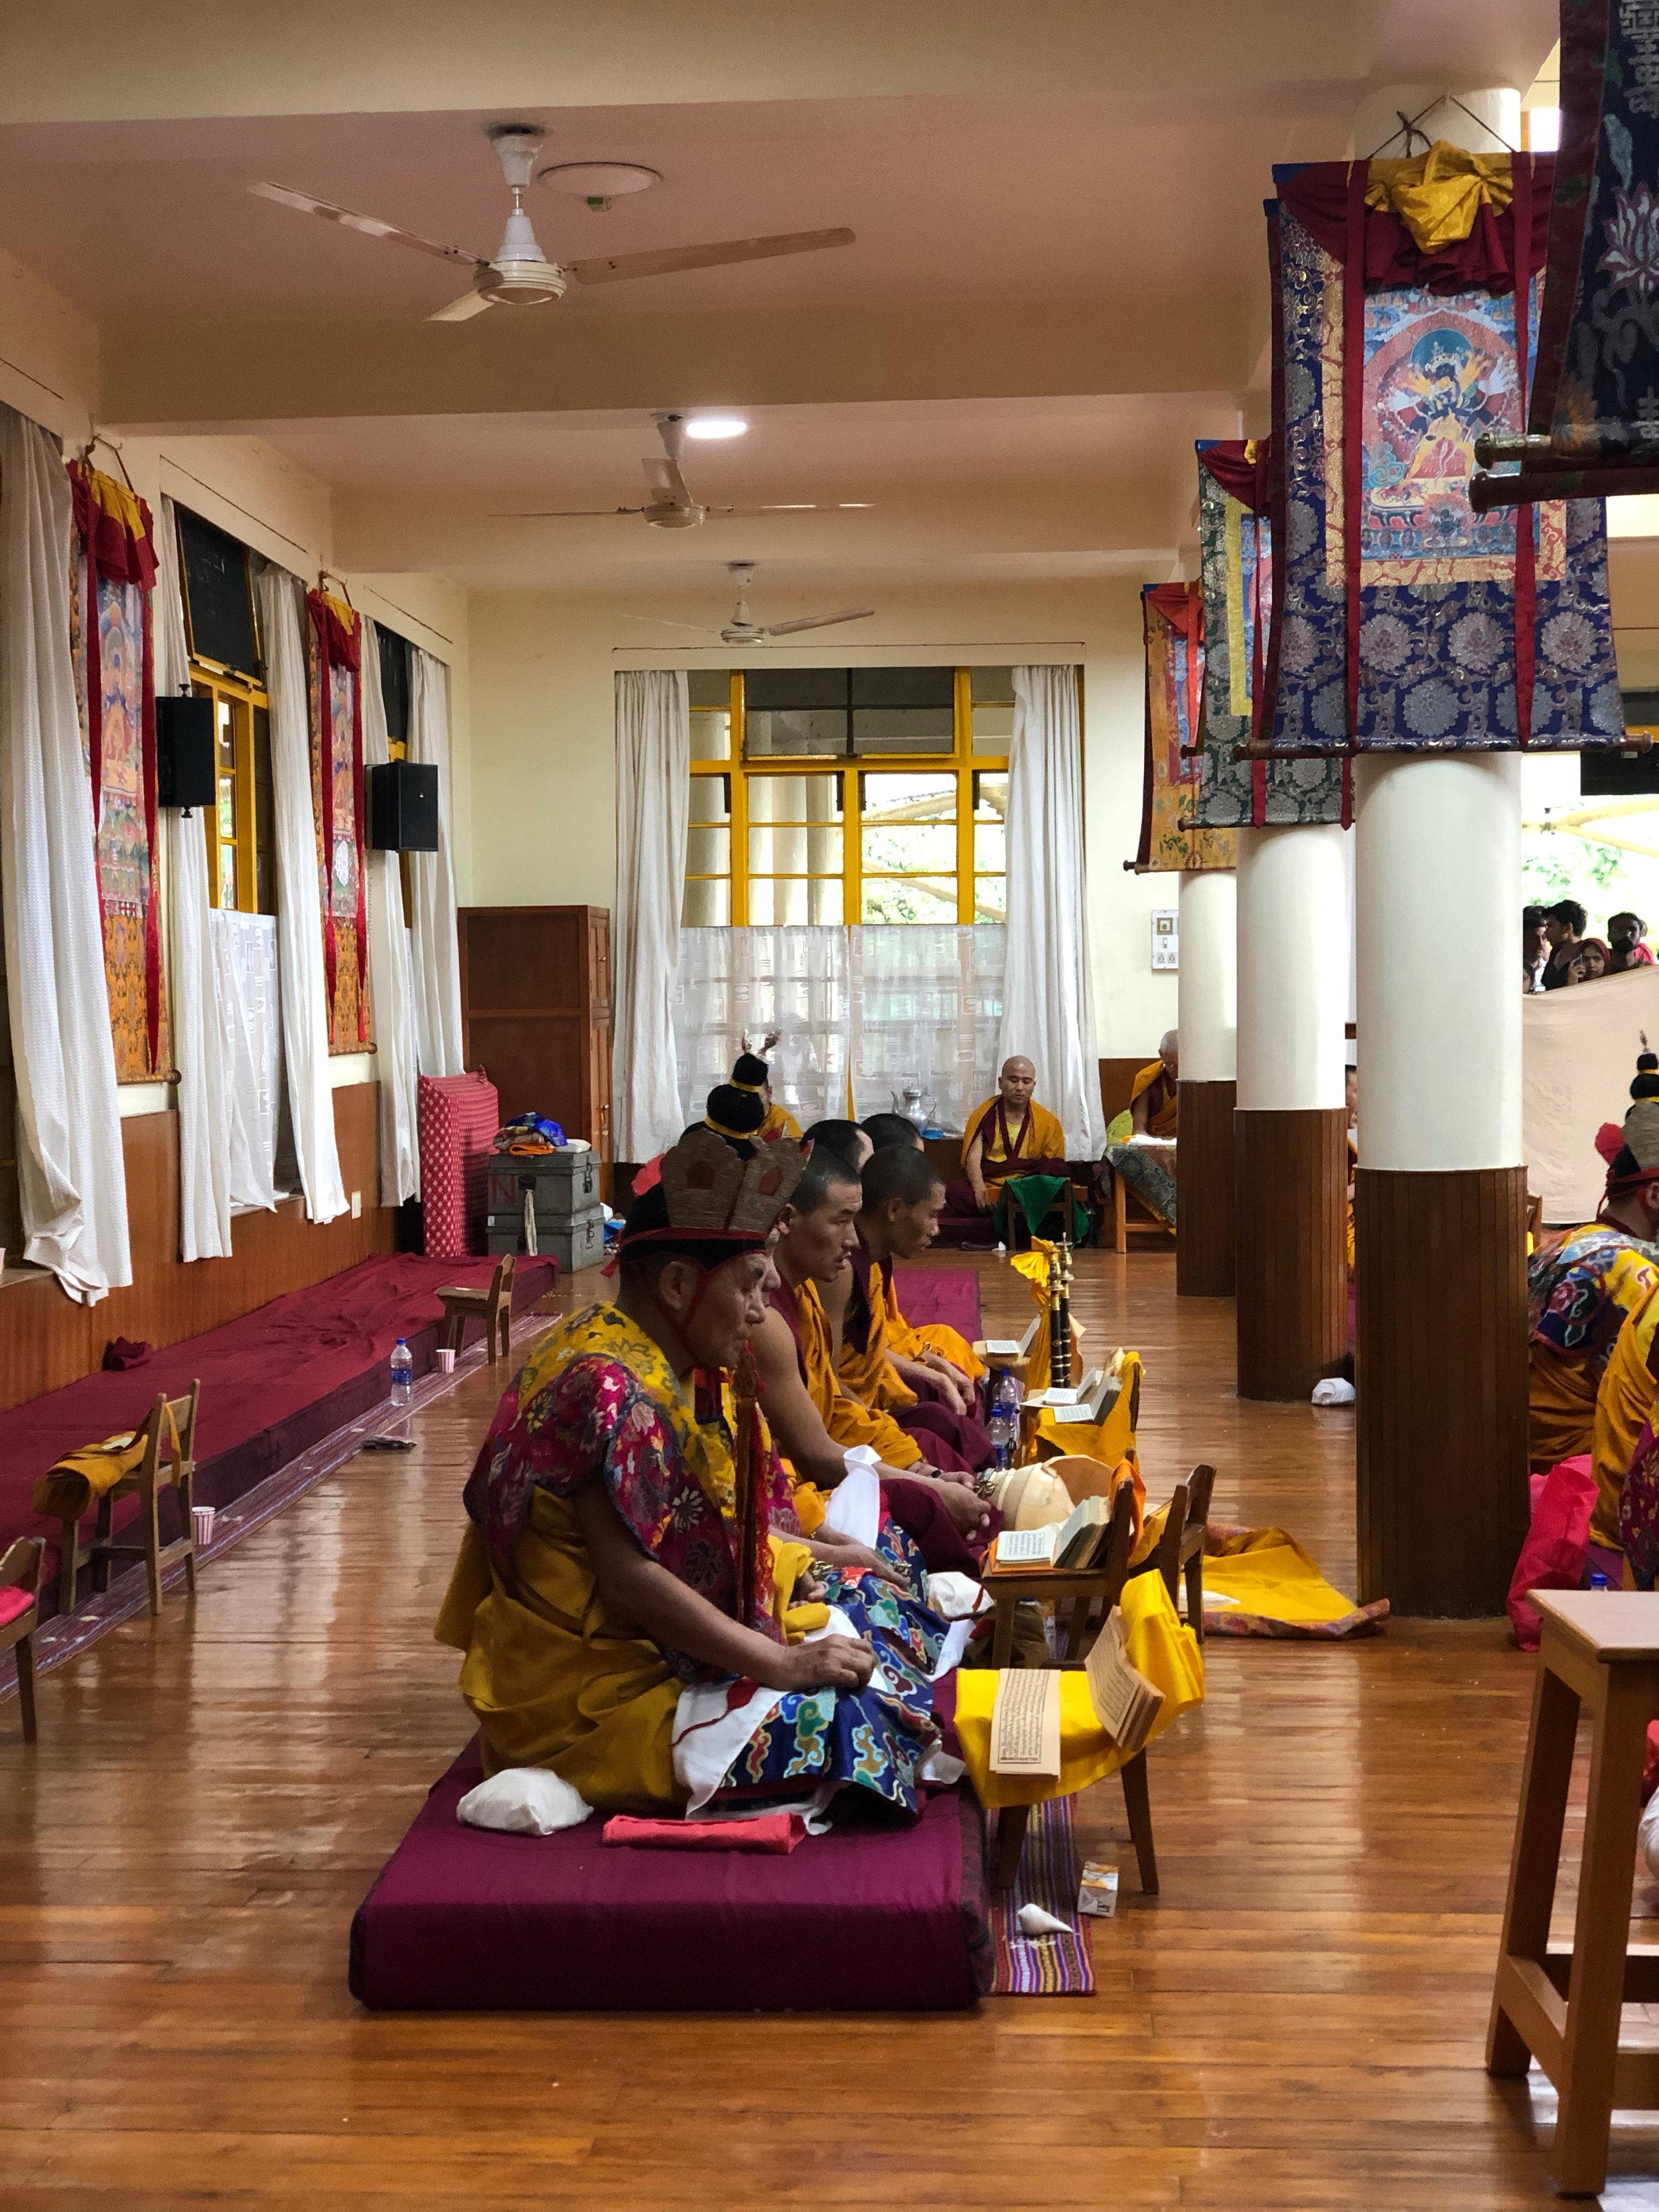 MONKS PRAYING AT THE DALAI LAMA MONASTERY